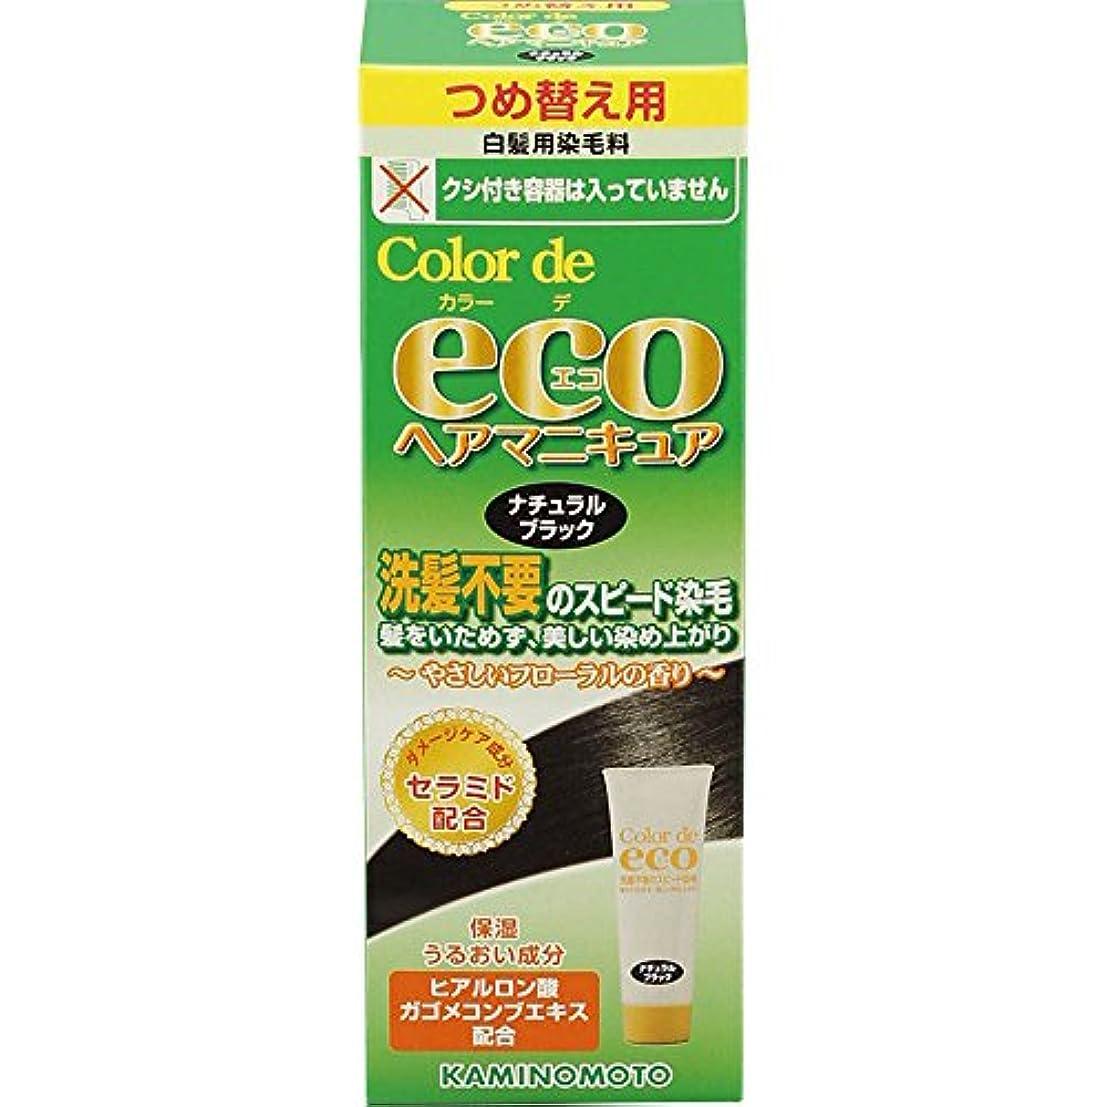 第二はねかける姿を消す加美乃素 カラー デ エコ 詰め替え ナチュラルブラック 70mL